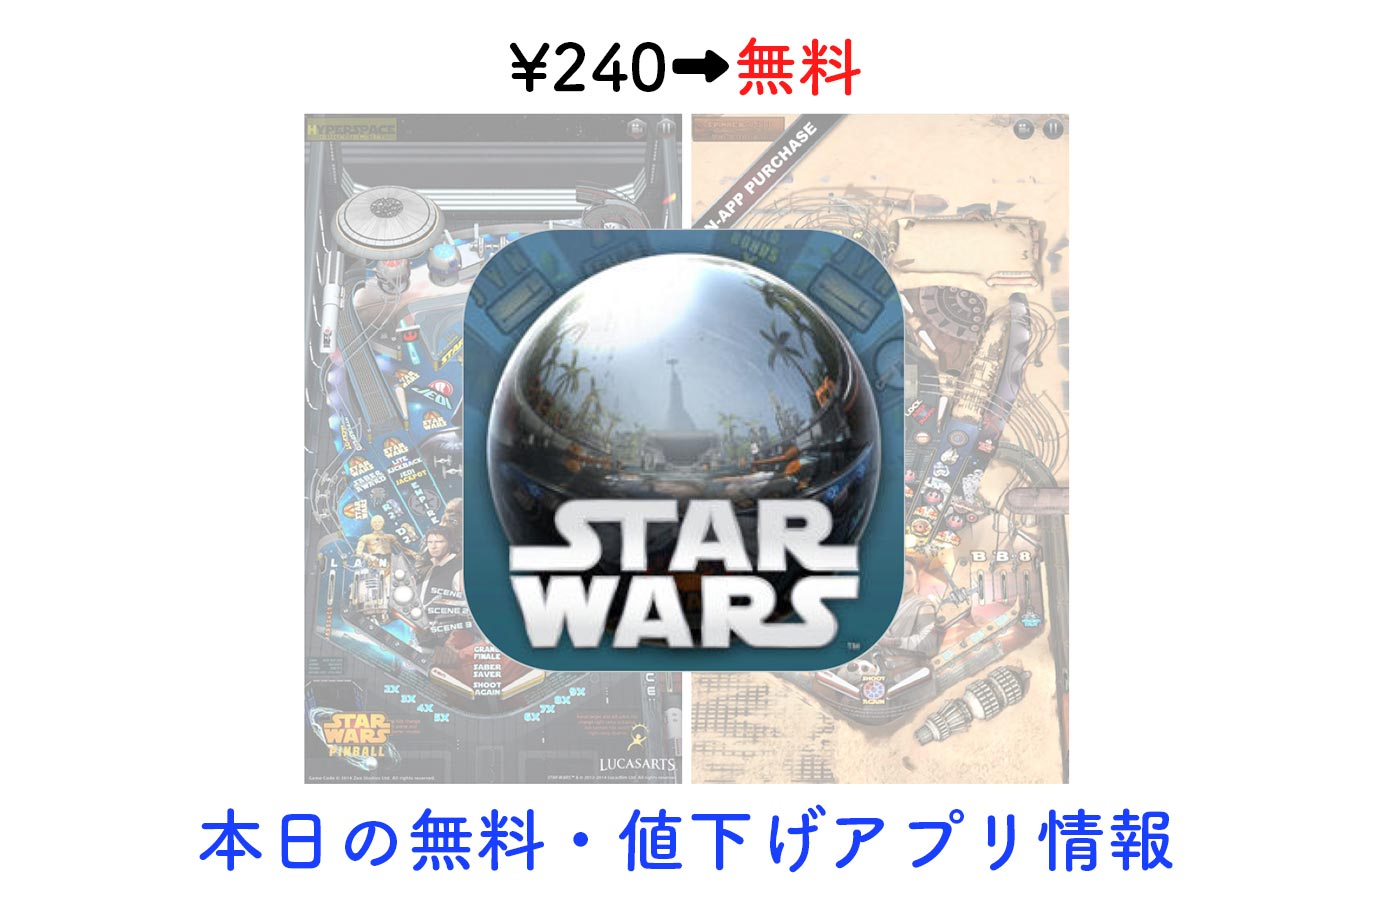 240円→無料、スターウォーズをテーマにしたピンボール「Star Wars Pinball 4」など【12/13】本日の無料・値下げアプリ情報